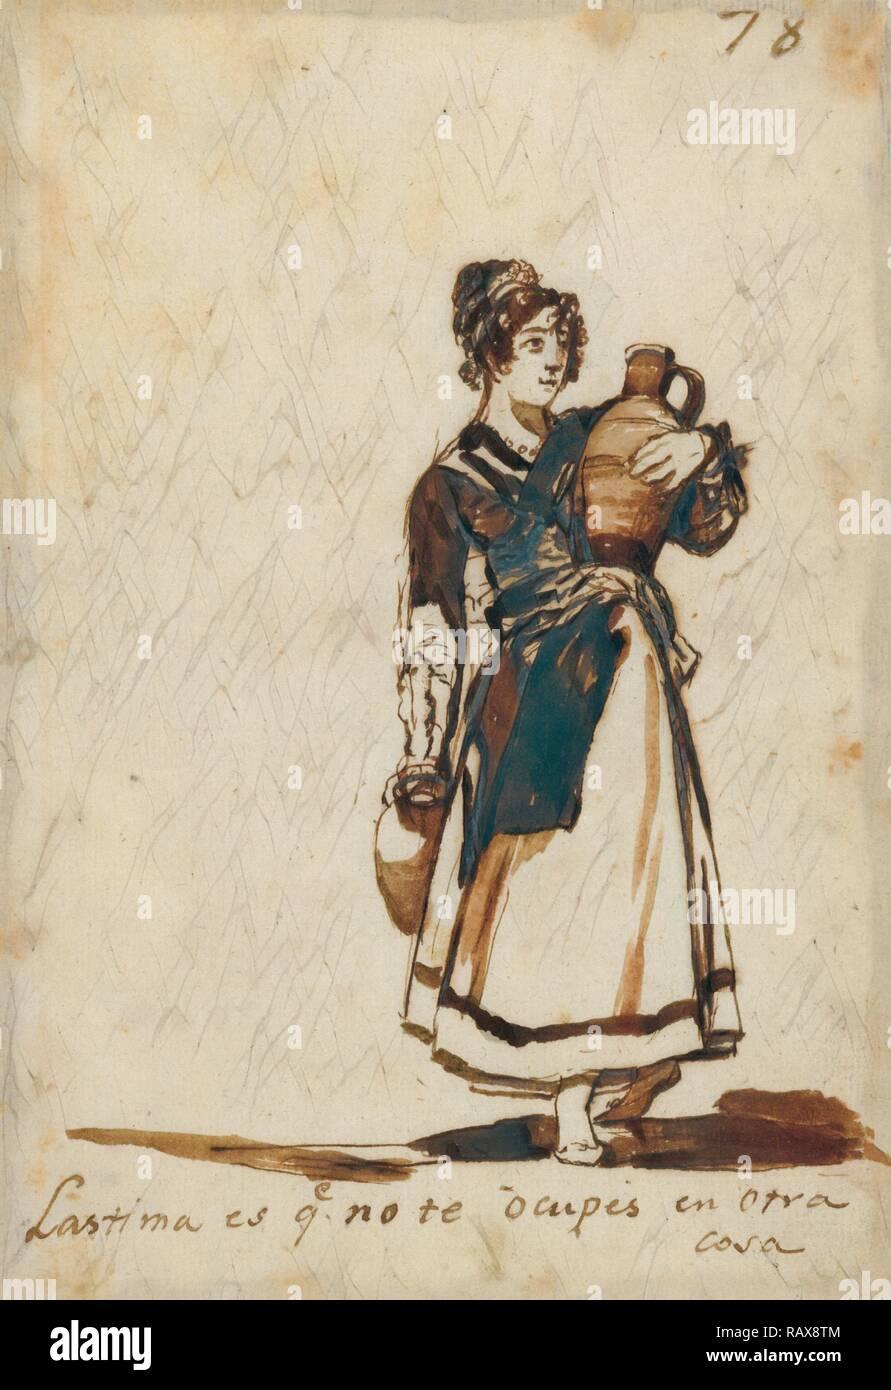 Es una lástima que no tienen otra cosa que hacer!, Francisco José de Goya y Lucientes (Francisco de Goya), español reinventado Foto de stock